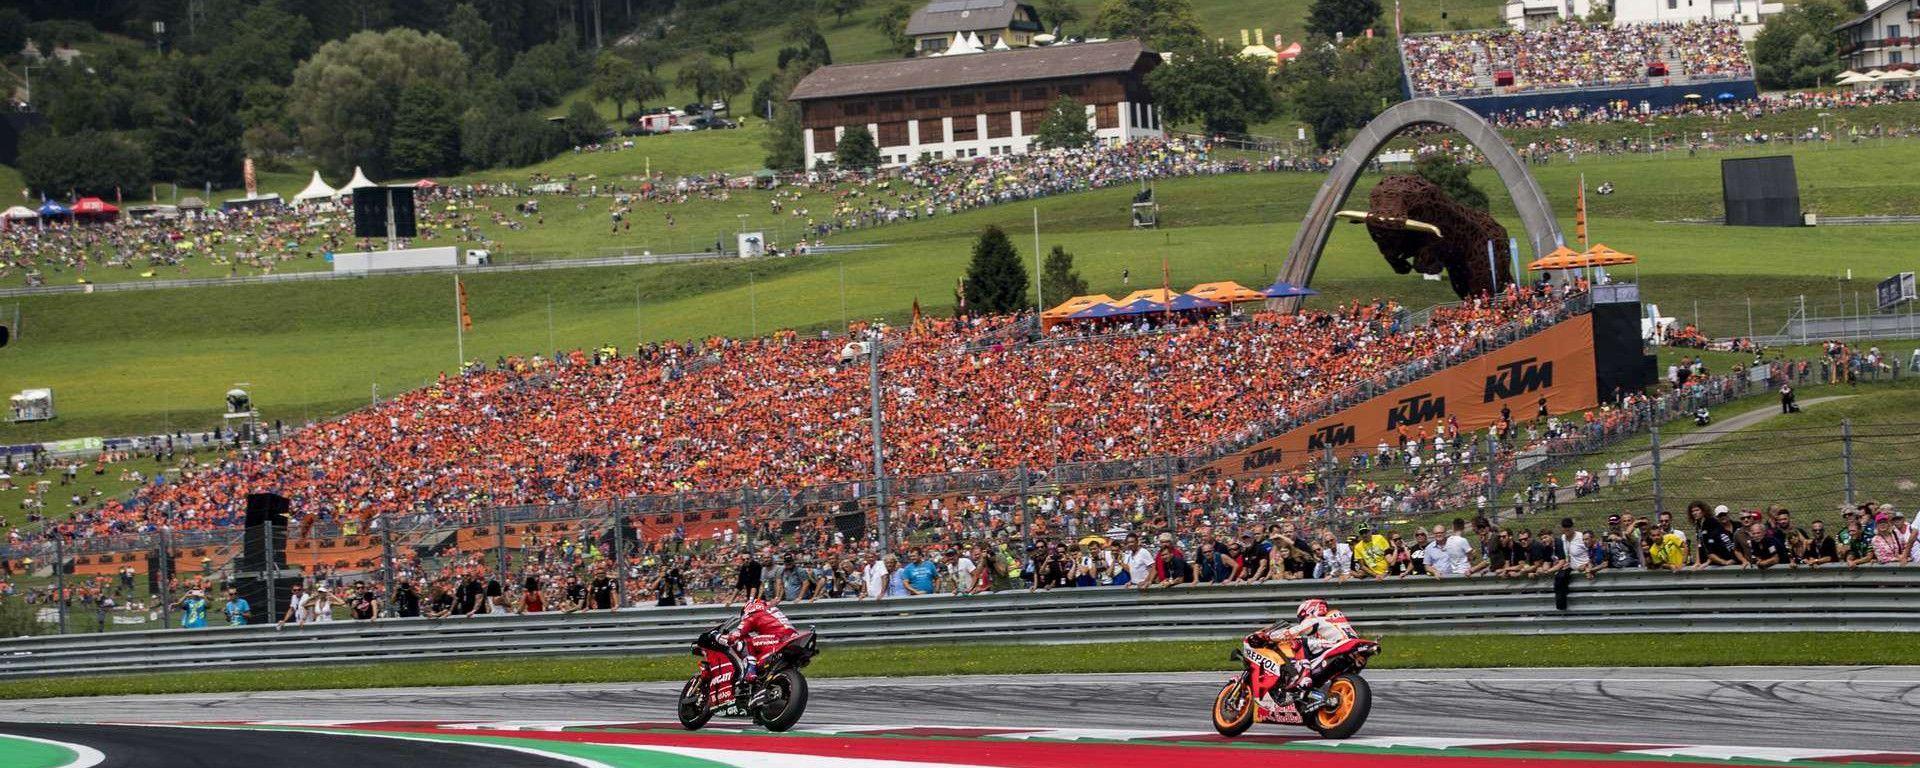 GP d'Austria 2019 al Red Bull Ring di Spielberg: Andrea Dovizioso (Ducati) e Marc Marquez (Honda)